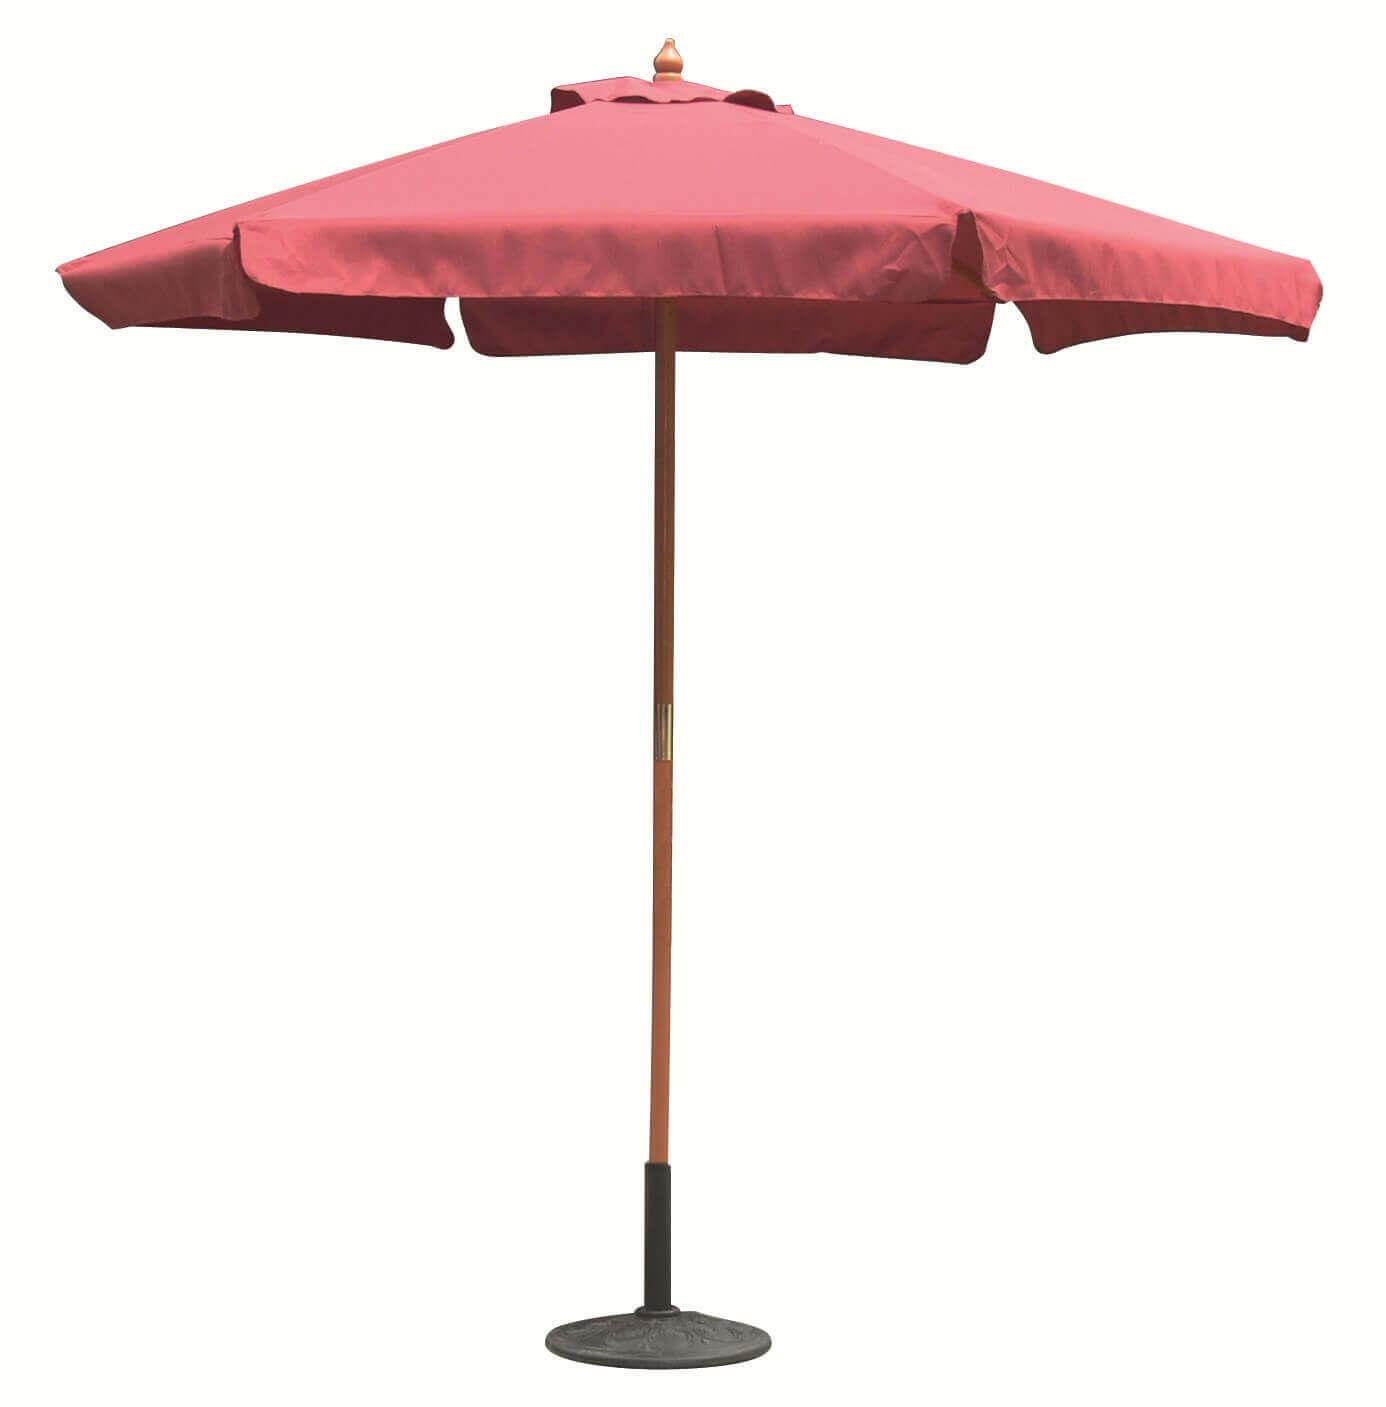 Milani Home DOMINUS - ombrellone da giardino ø 3 palo centrale in legno